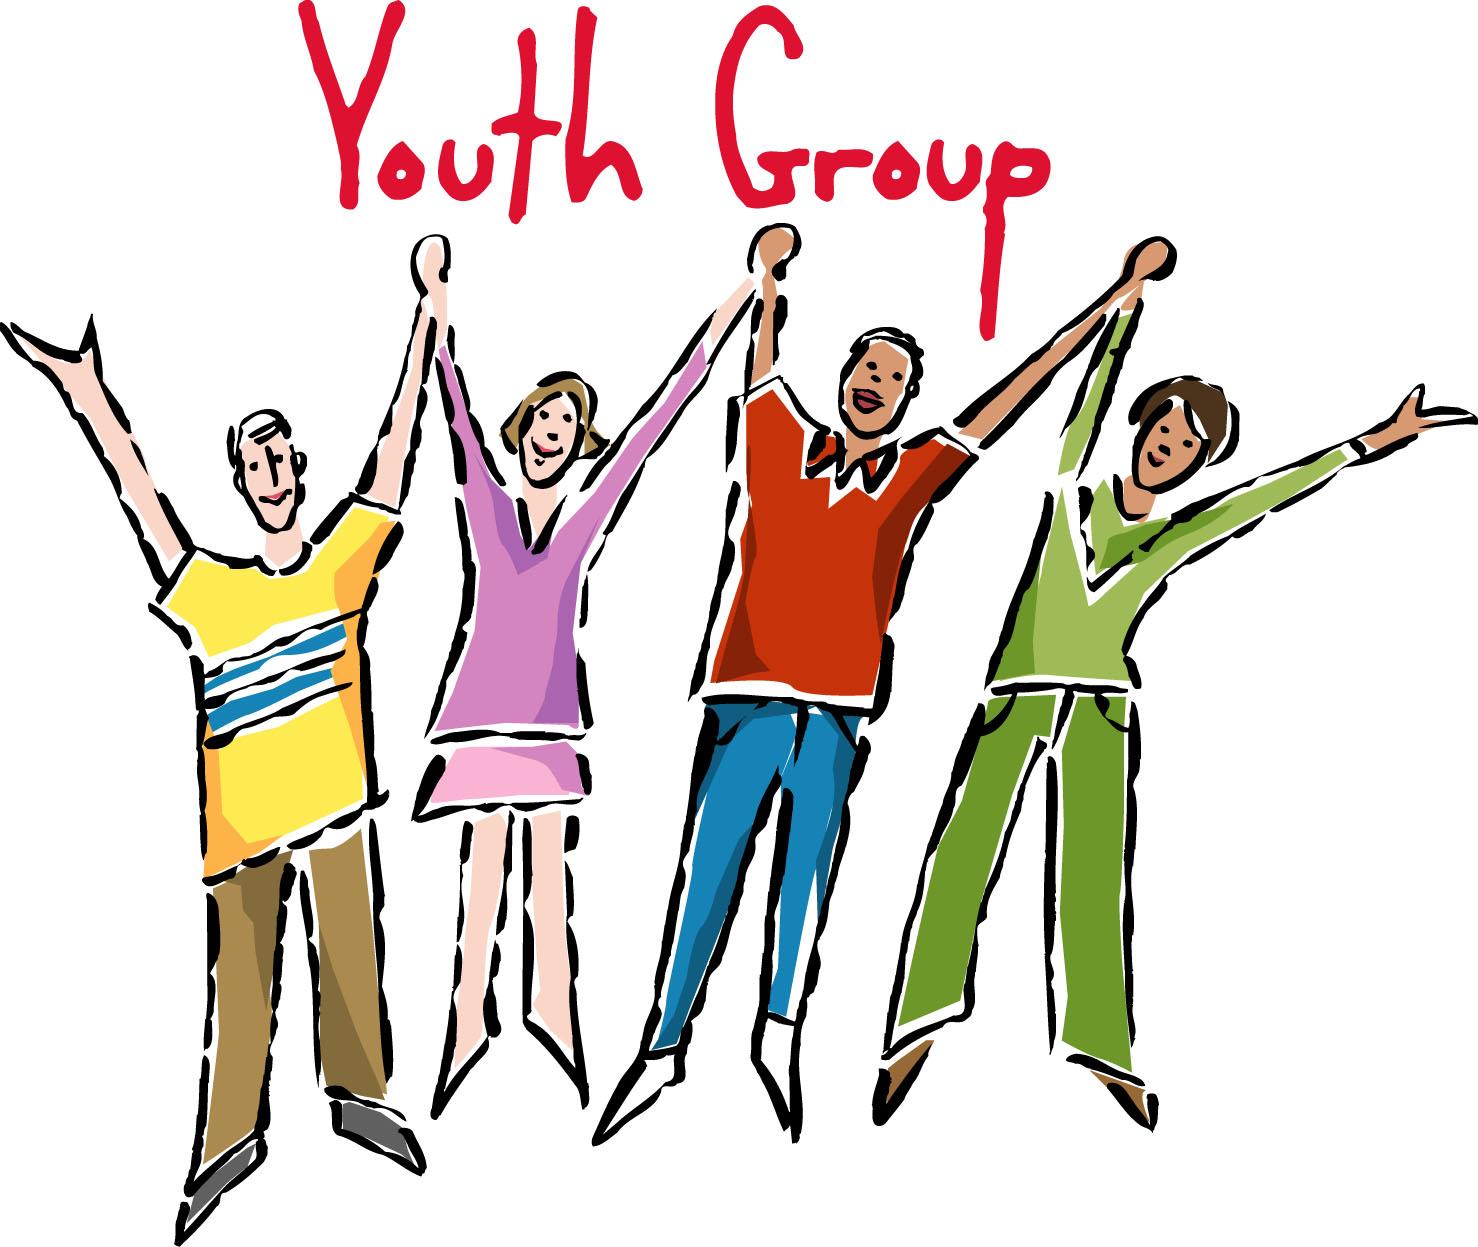 Youth Abundant Life United Pentecostal Church clipart free image.